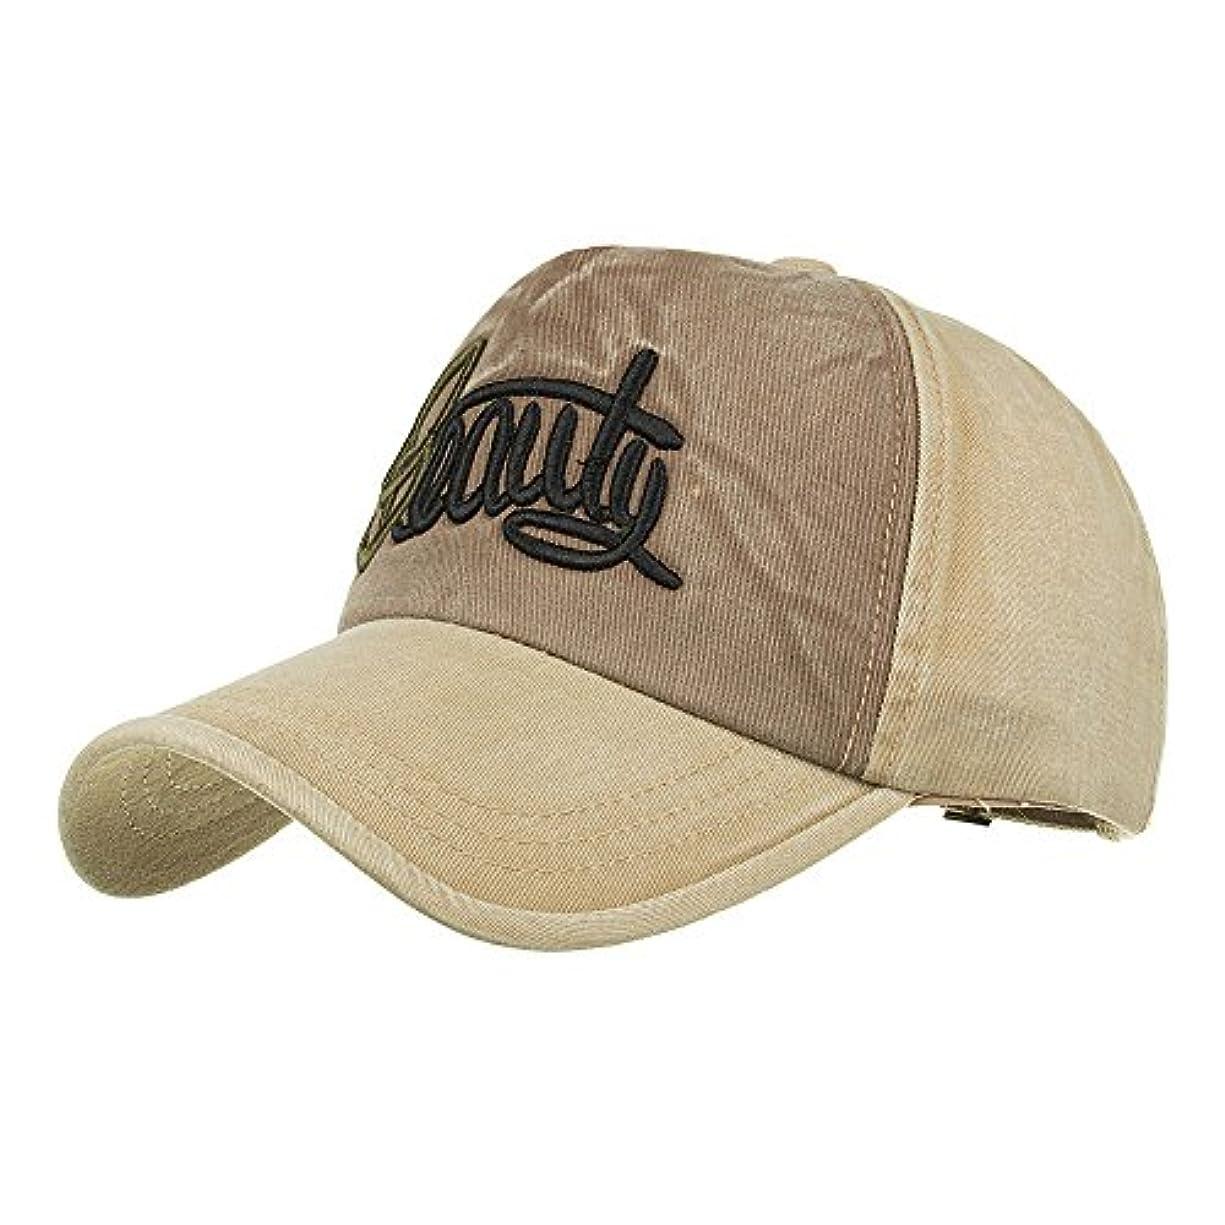 蛾ボクシング広くRacazing Cap パッチワーク刺繍 ヒップホップ 野球帽 通気性のある 帽子 夏 登山 可調整可能 棒球帽 UV 帽子 軽量 屋外 Unisex Hat (カーキ)